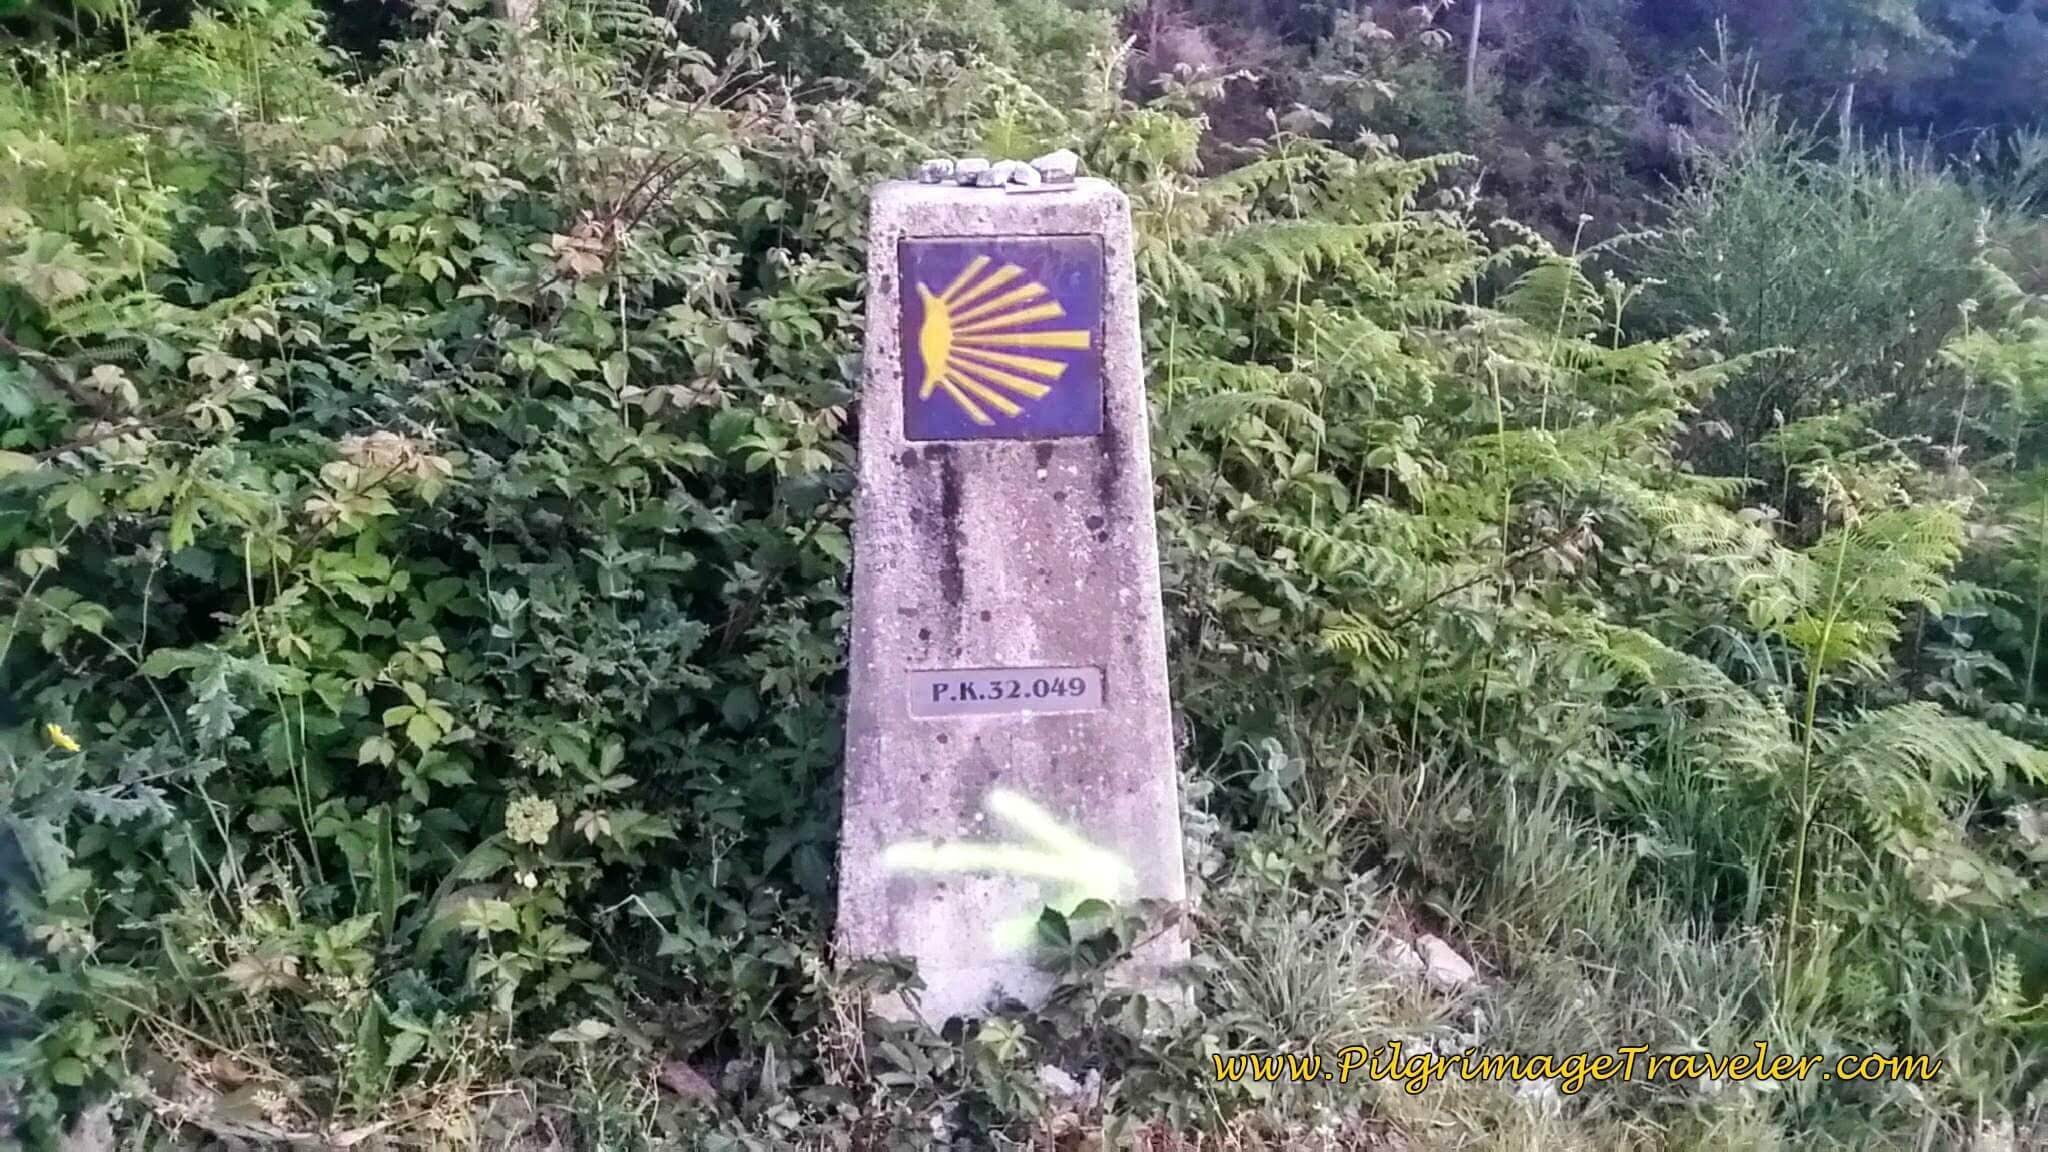 32 KM Waymark on Day Twenty-Four, Camino Portugués